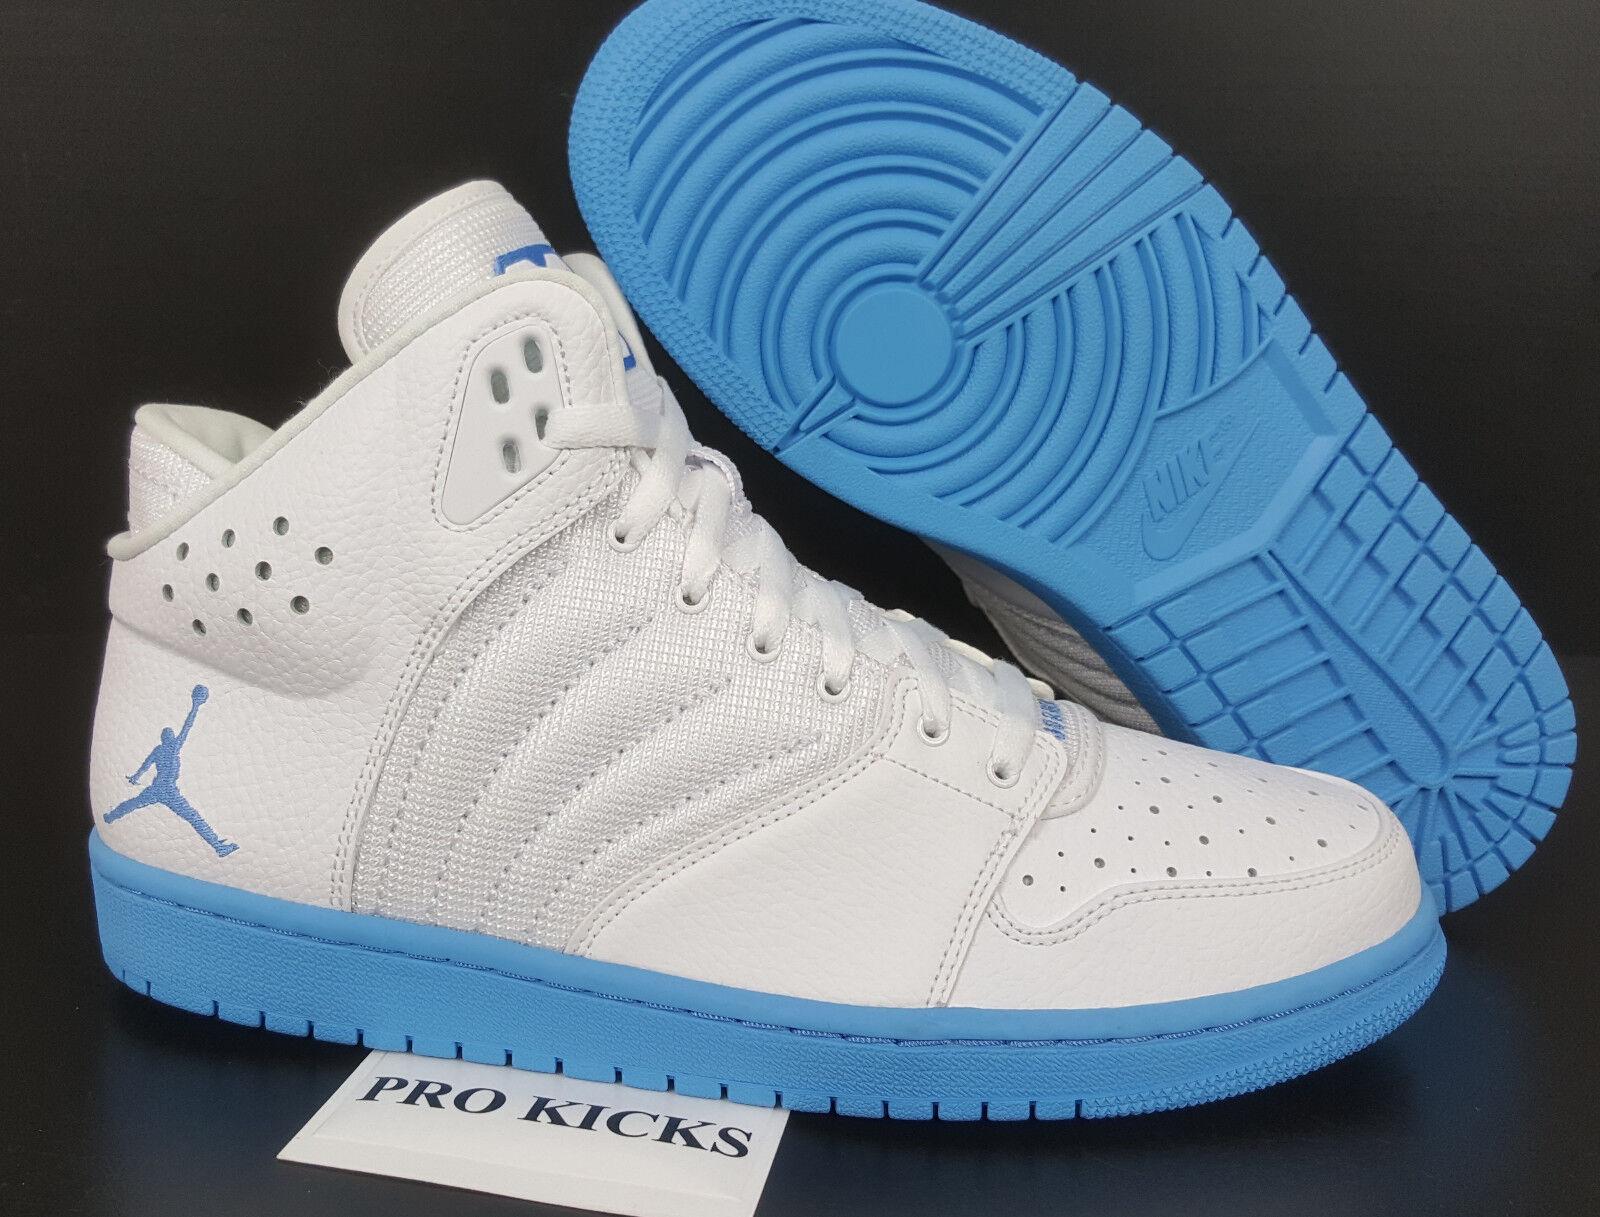 NIKE AIR JORDAN 1 FLIGHT 4 PREMIUM WHITE UNIVERSITY BLUE NEW 838818-141 =SIZE 13 best-selling model of the brand